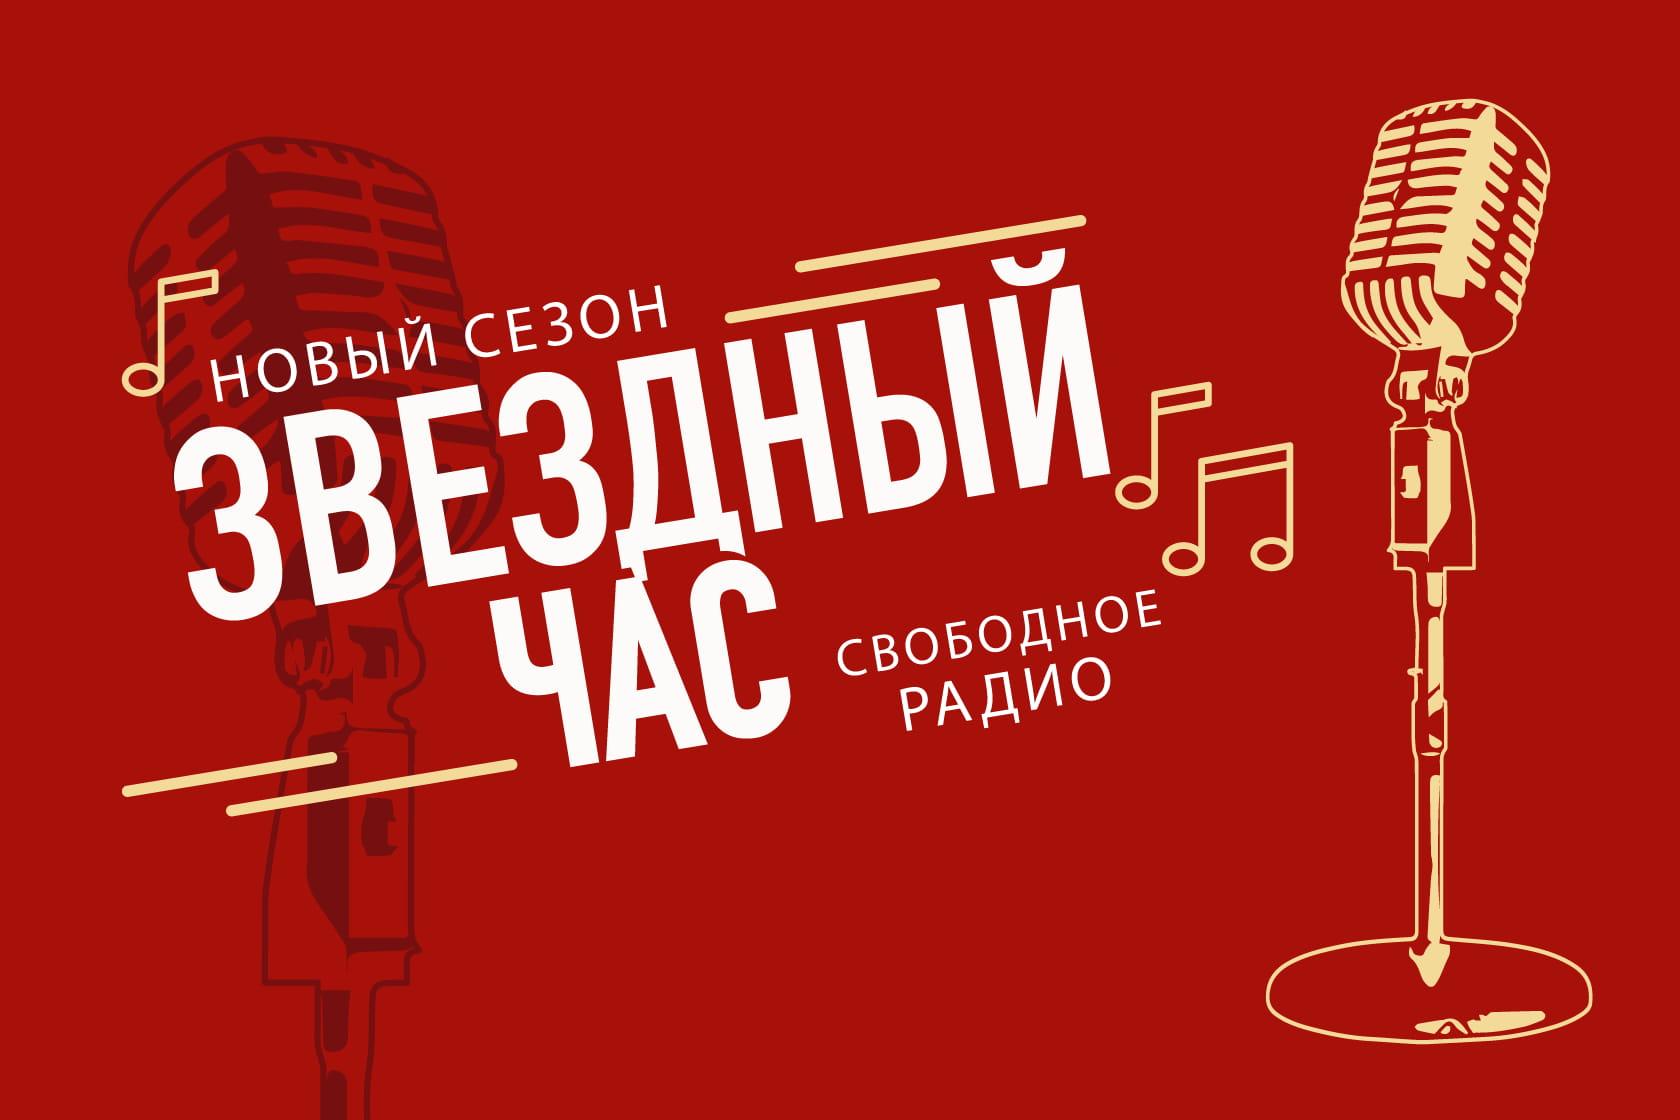 «Звездный час» на Свободном радио | Итоги 5 отборочного тура